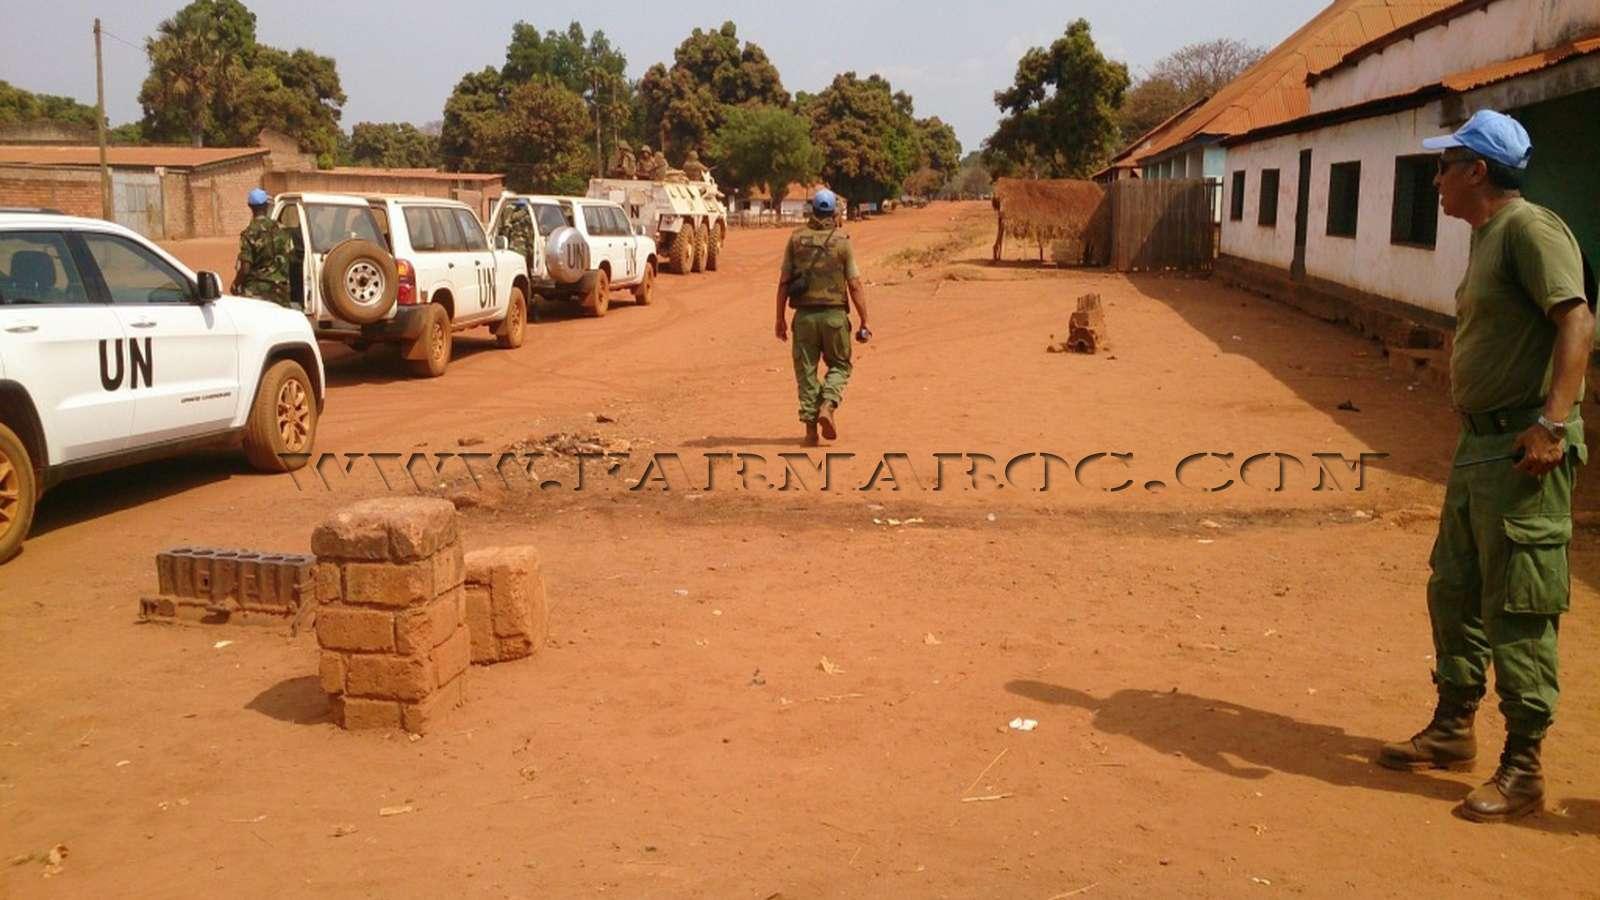 Maintien de la paix dans le monde - Les FAR en République Centrafricaine - RCA (MINUSCA) 13_00010